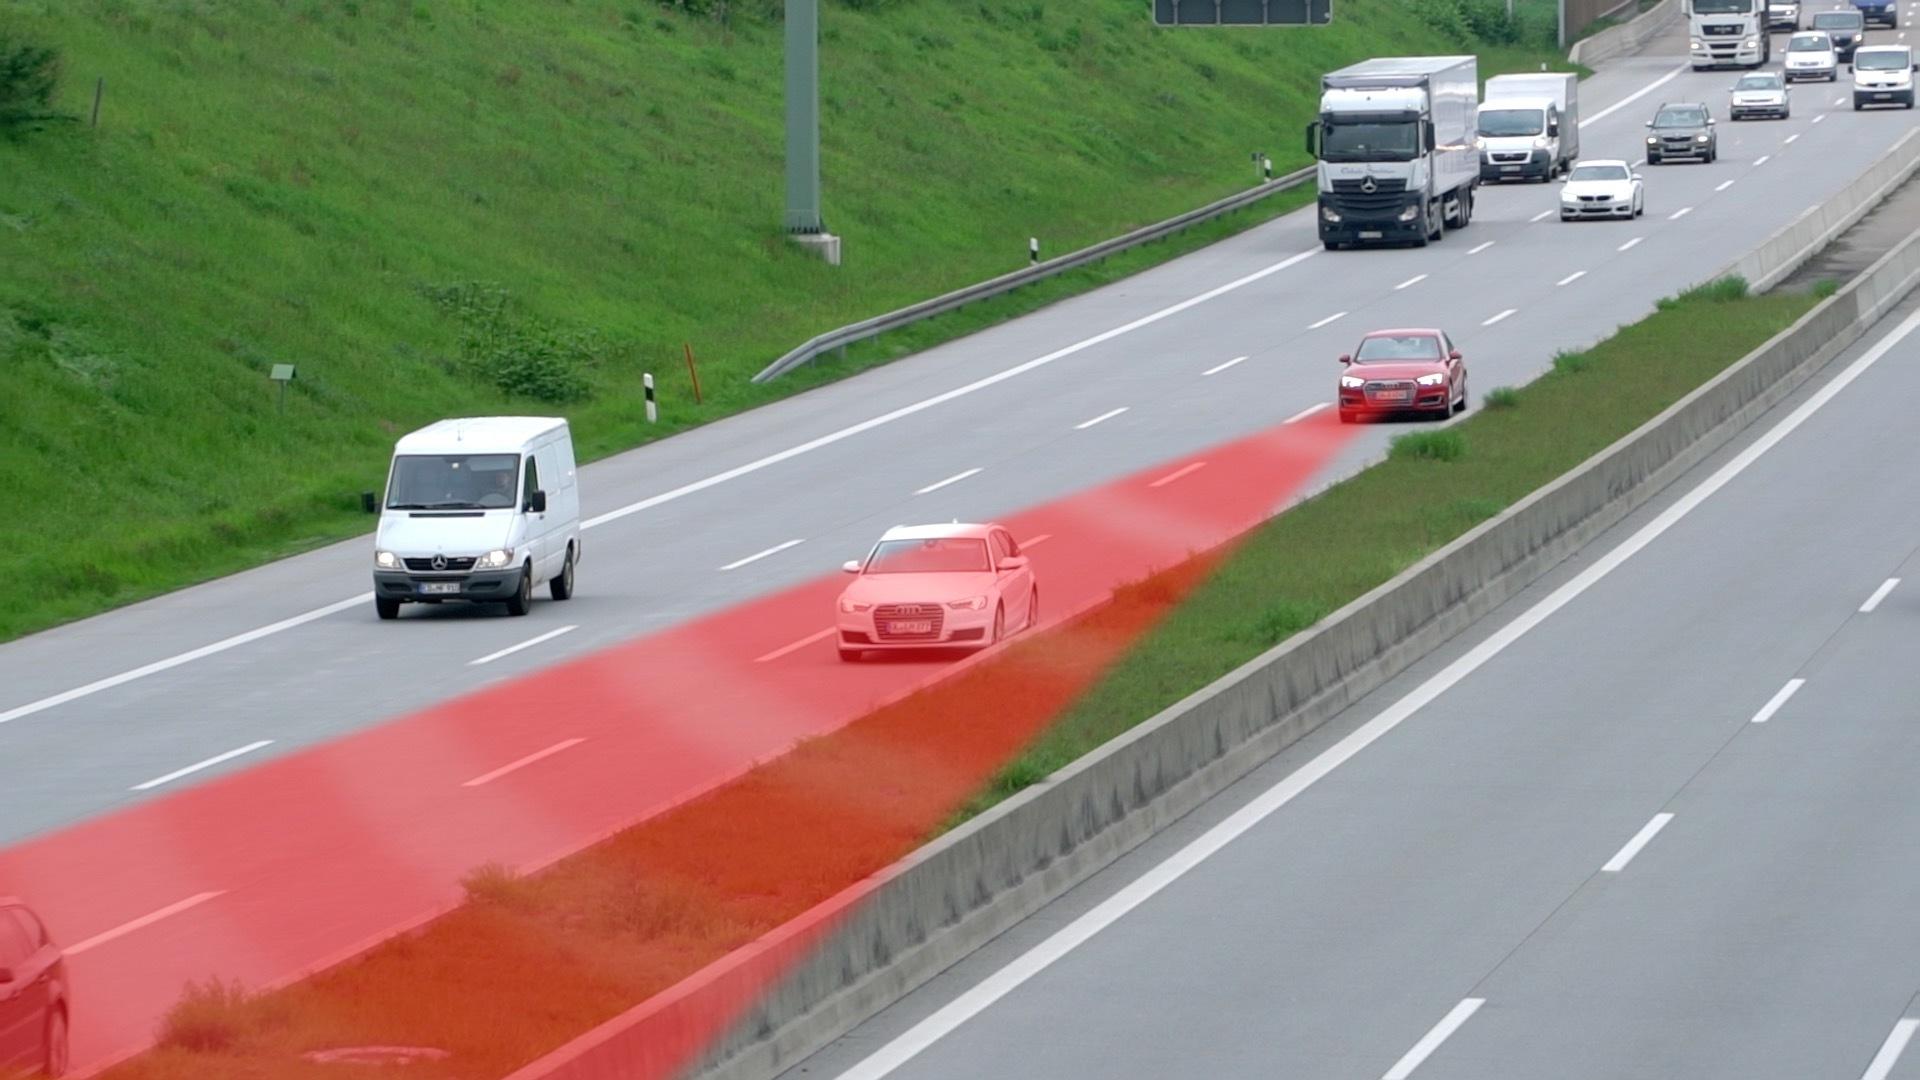 Stressfrei, sicher, effizient: Die Audi-Fahrerassistenzsysteme auf der Autobahn, Folge 2